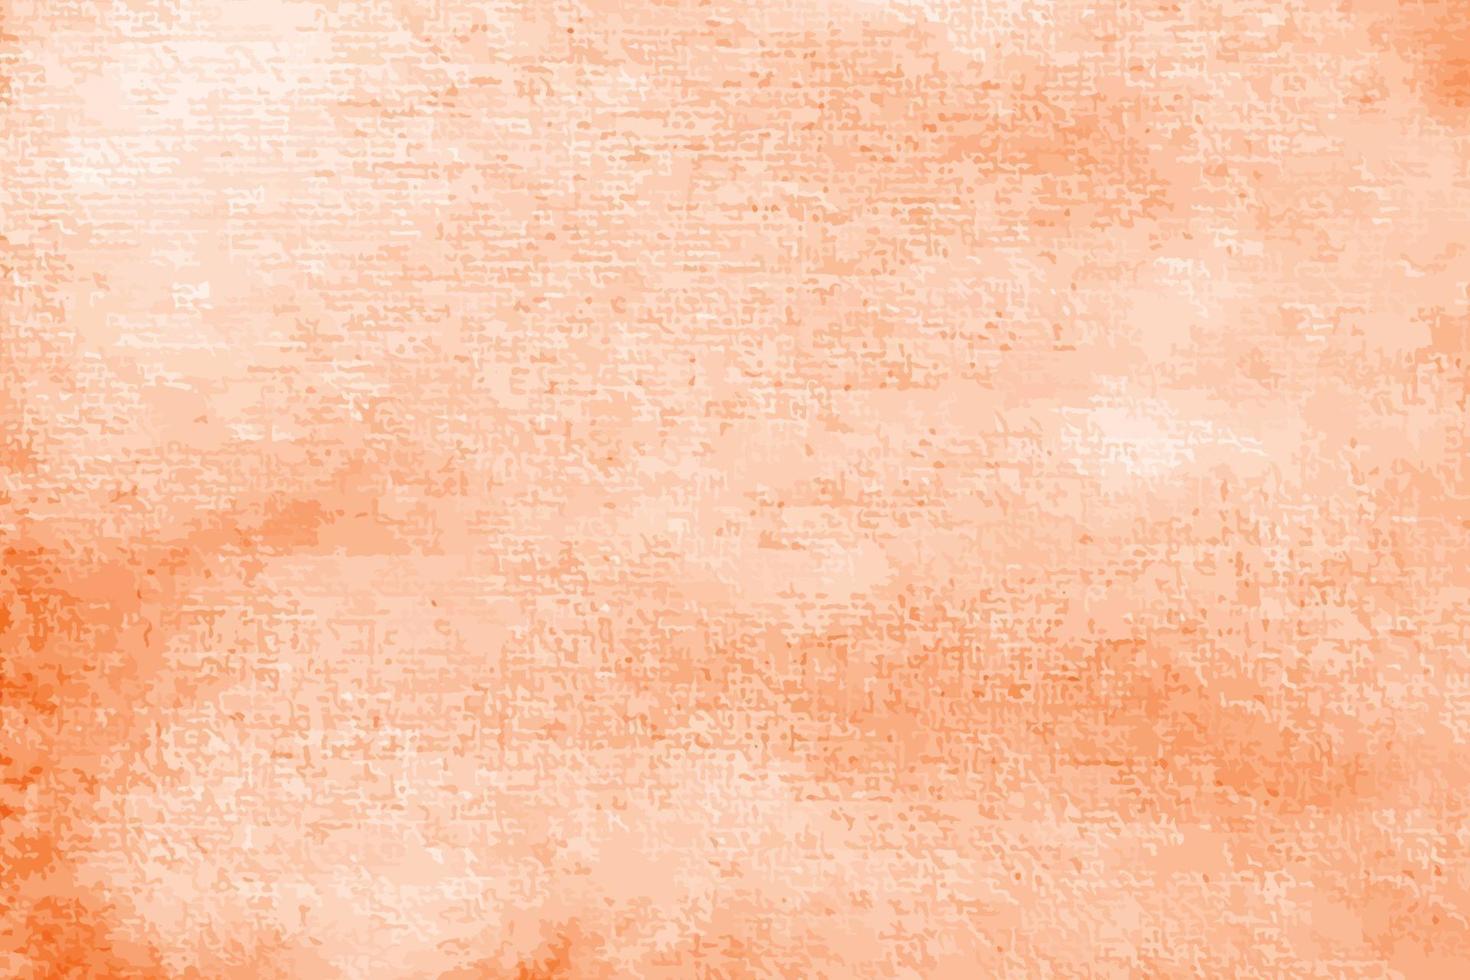 astratto pastello acquerello dipinto a mano texture di sfondo vettore